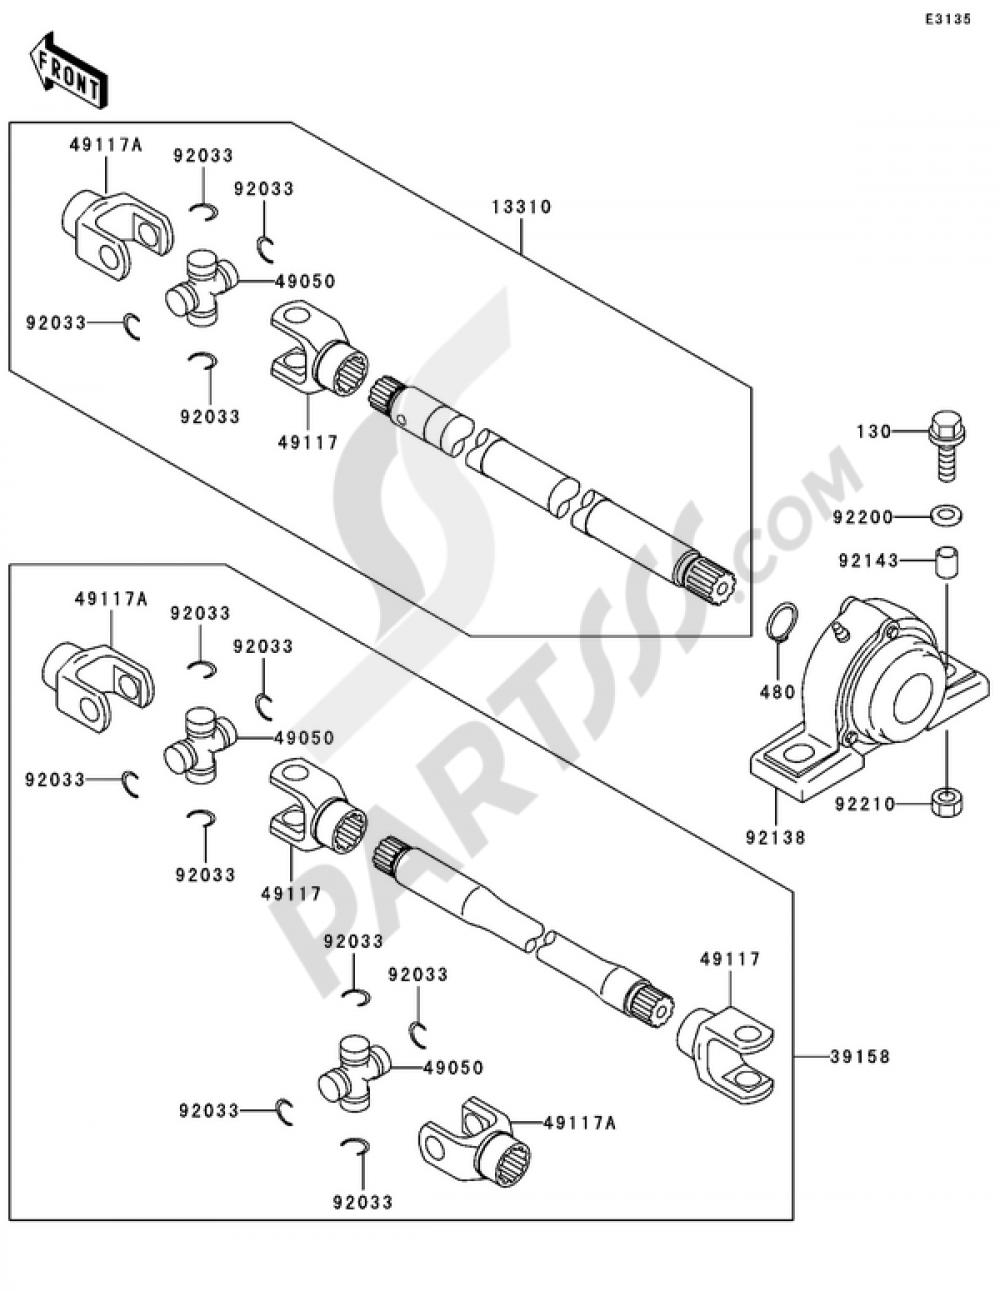 Kawasaki Mule 3010 Ignition Wiring Diagram Together With Kawasaki Mule